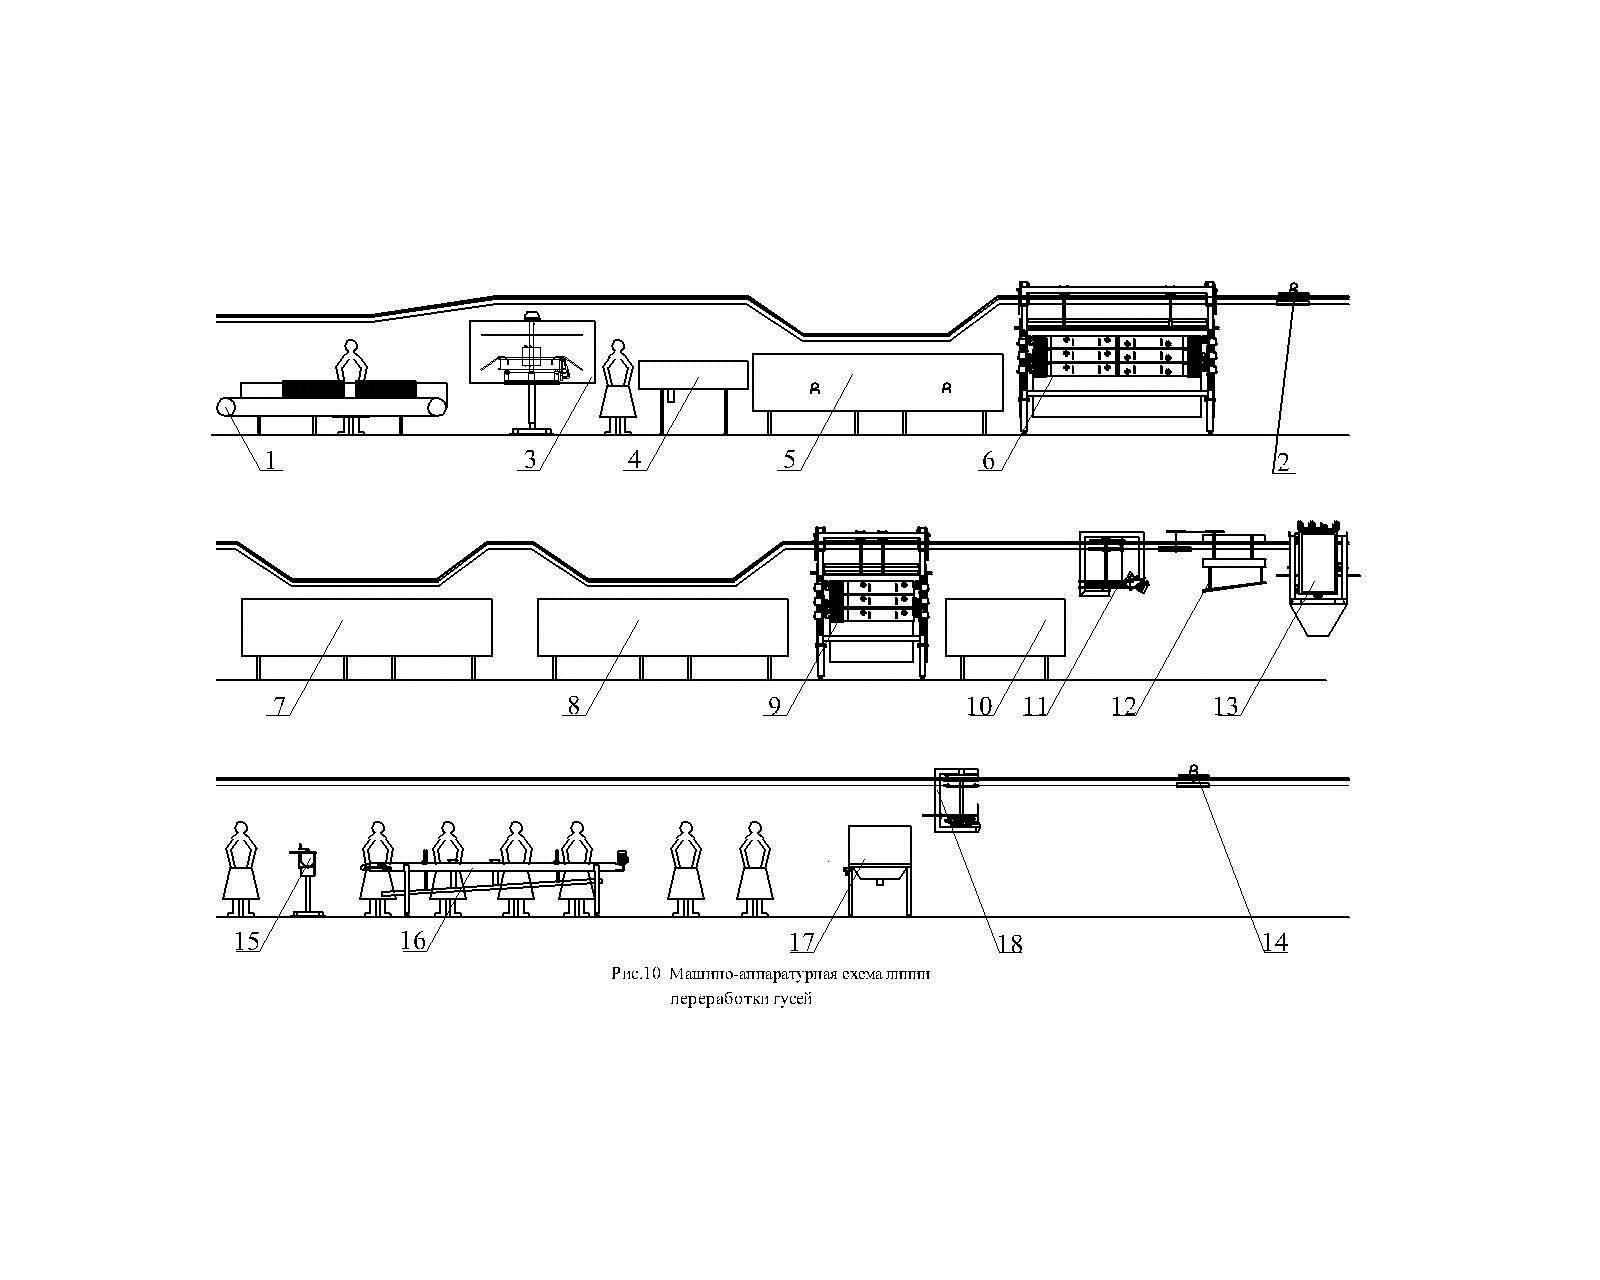 машино-аппаратурная схема линии переработки  гусей